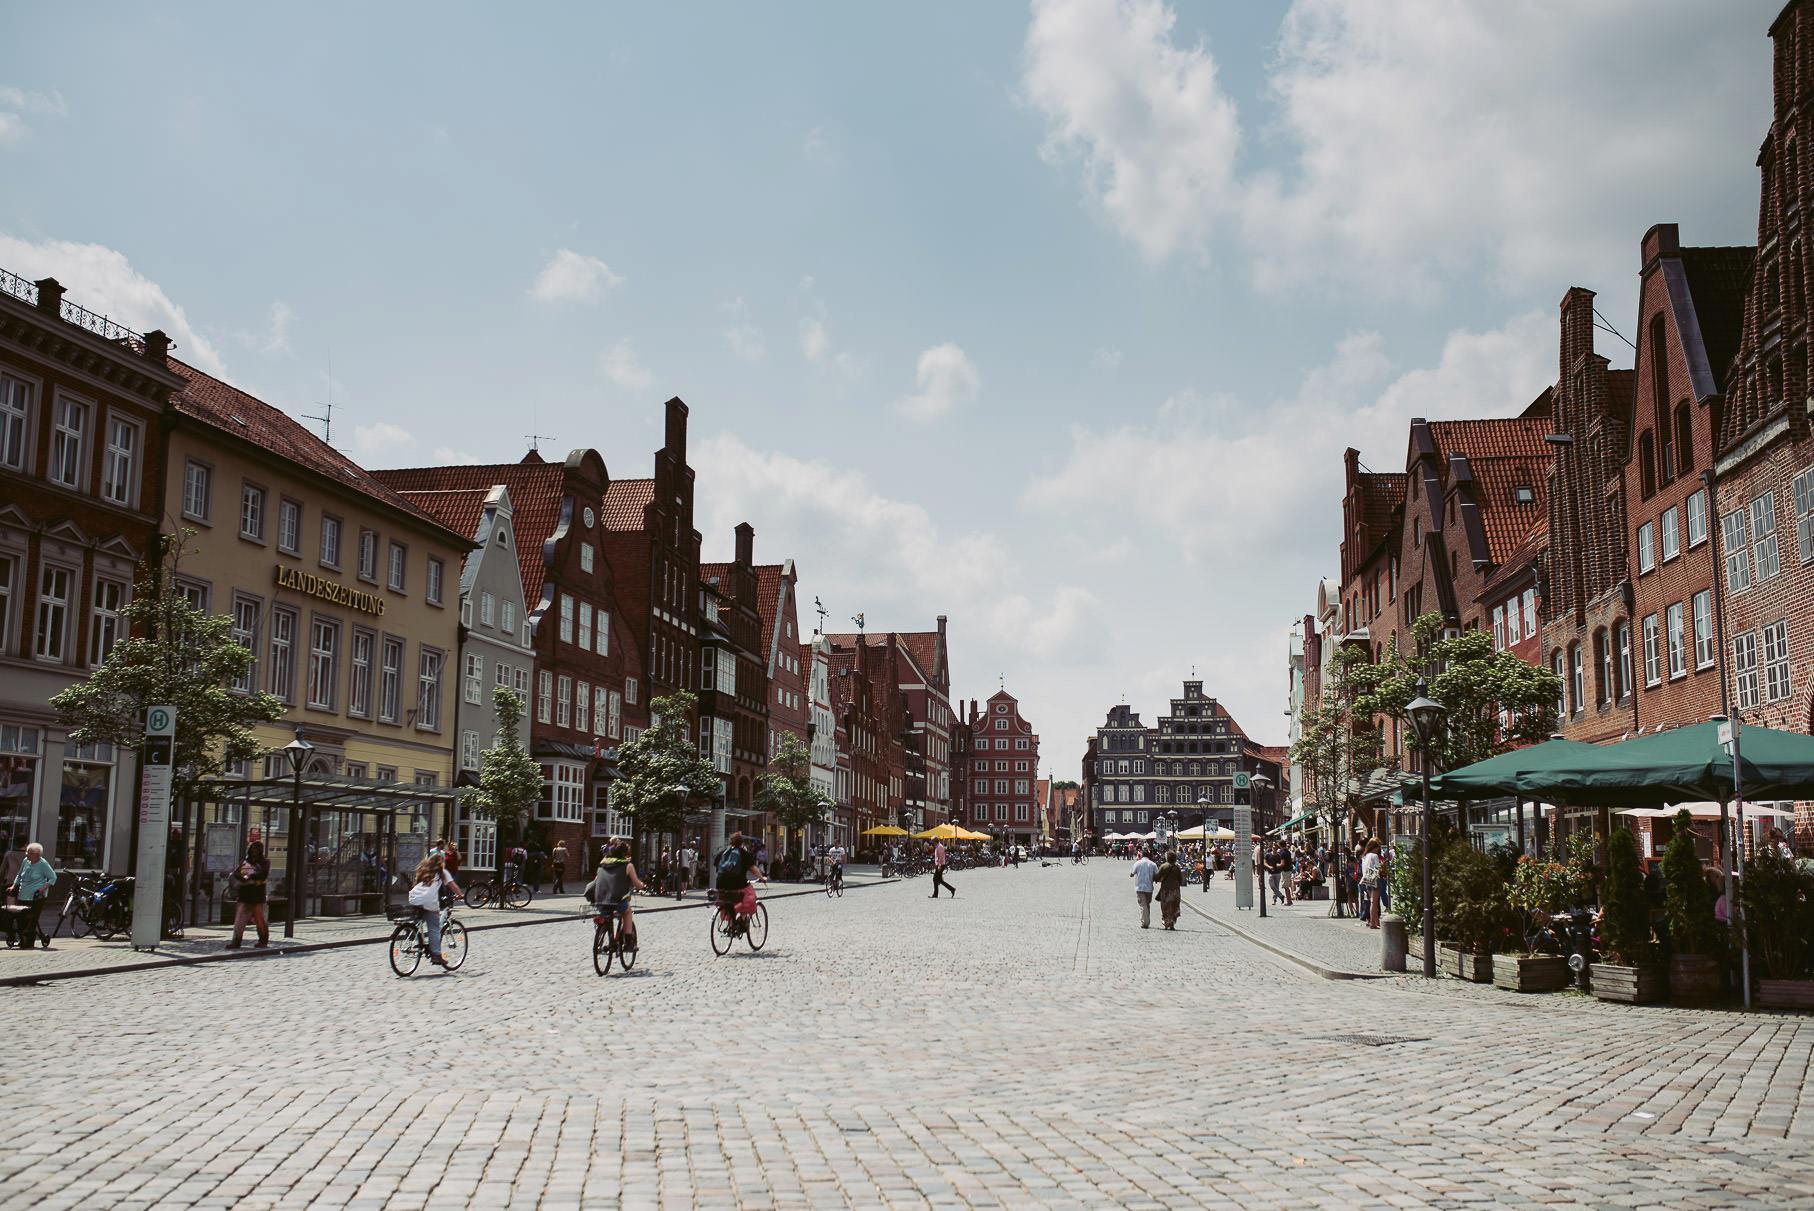 0018 jus 811 9276 - Hochzeit im Wasserturm Lüneburg - Jenny & Sascha